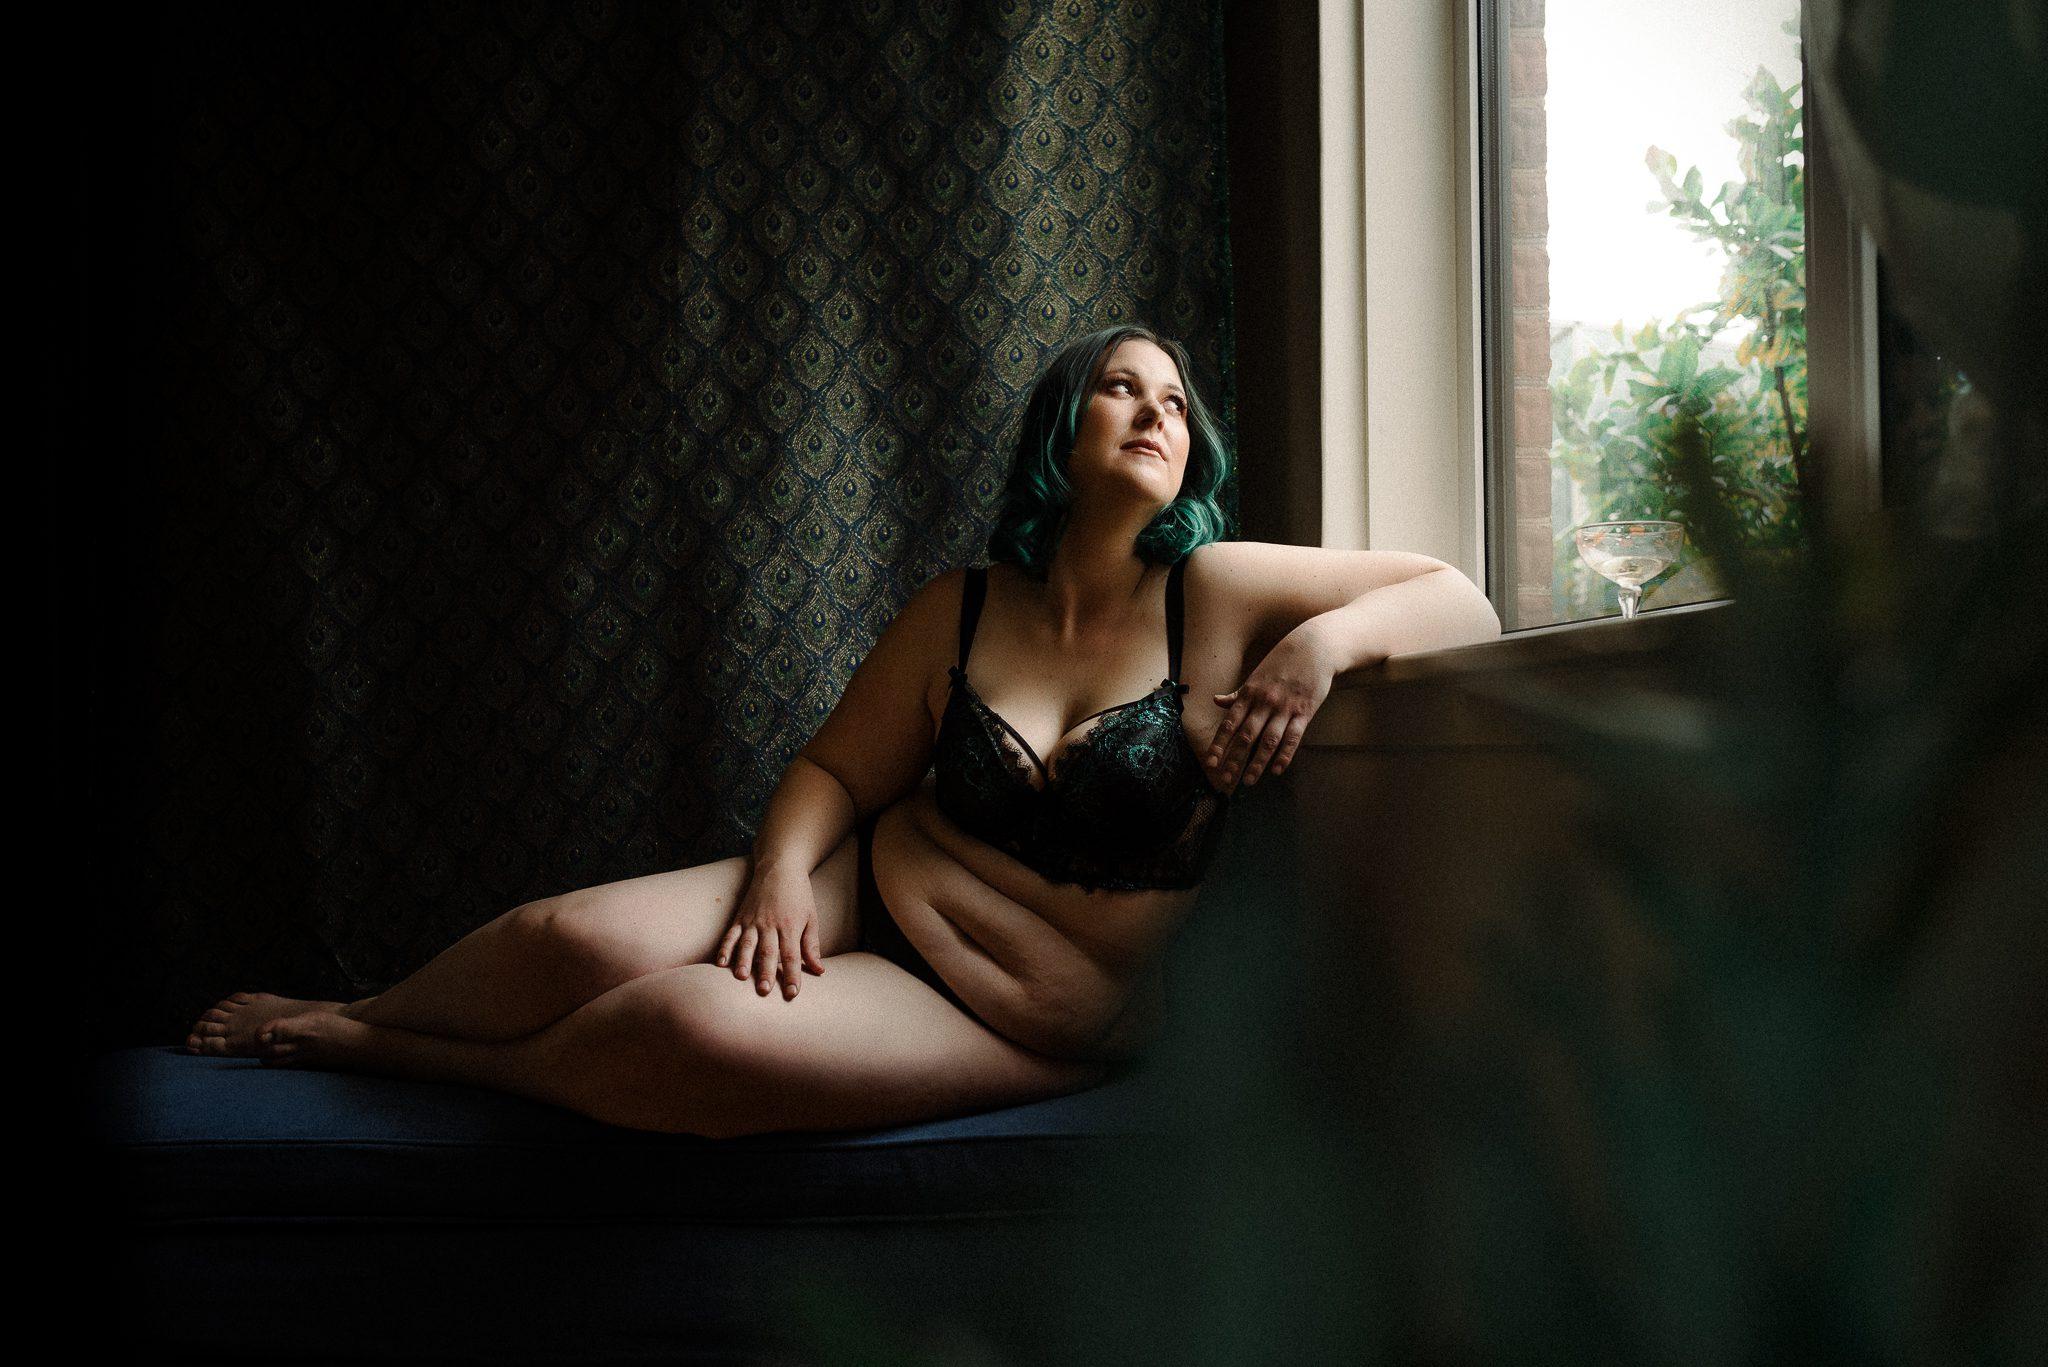 Boudoir portrait of a lady looking by a window